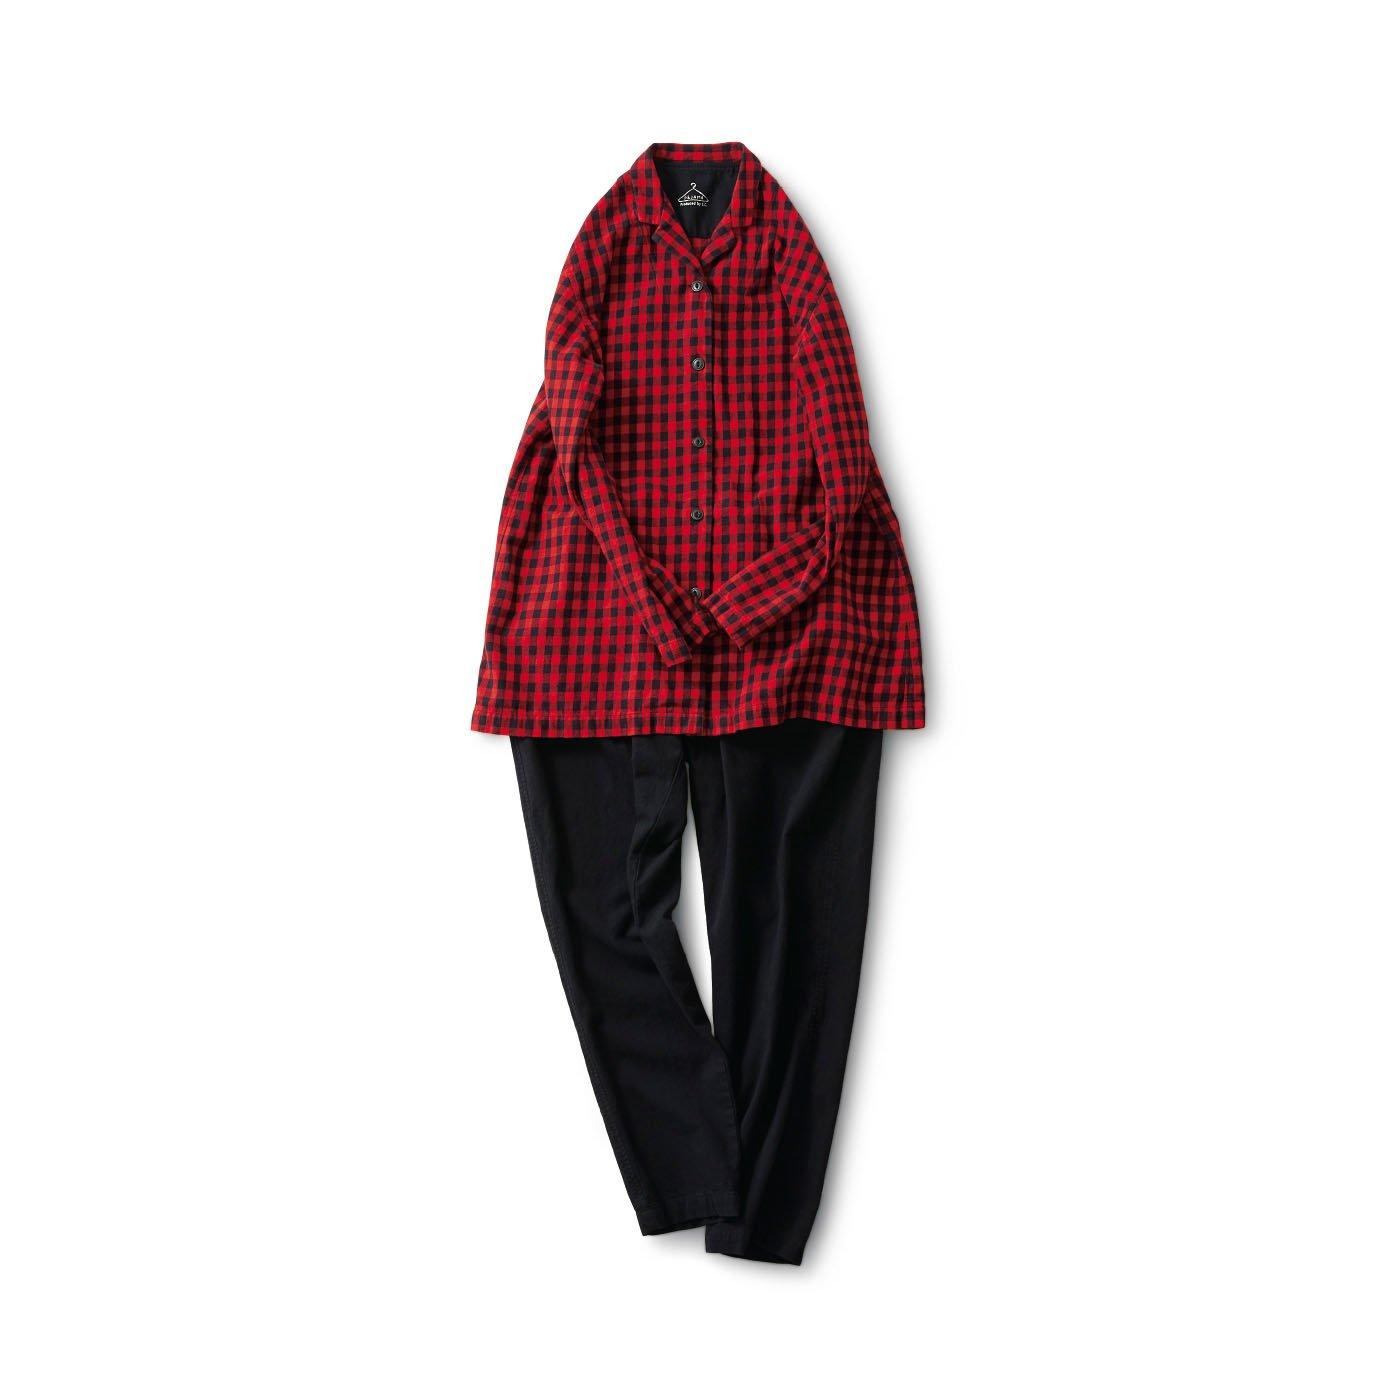 サニークラウズ 赤いチェックのパジャマ〈レディース〉